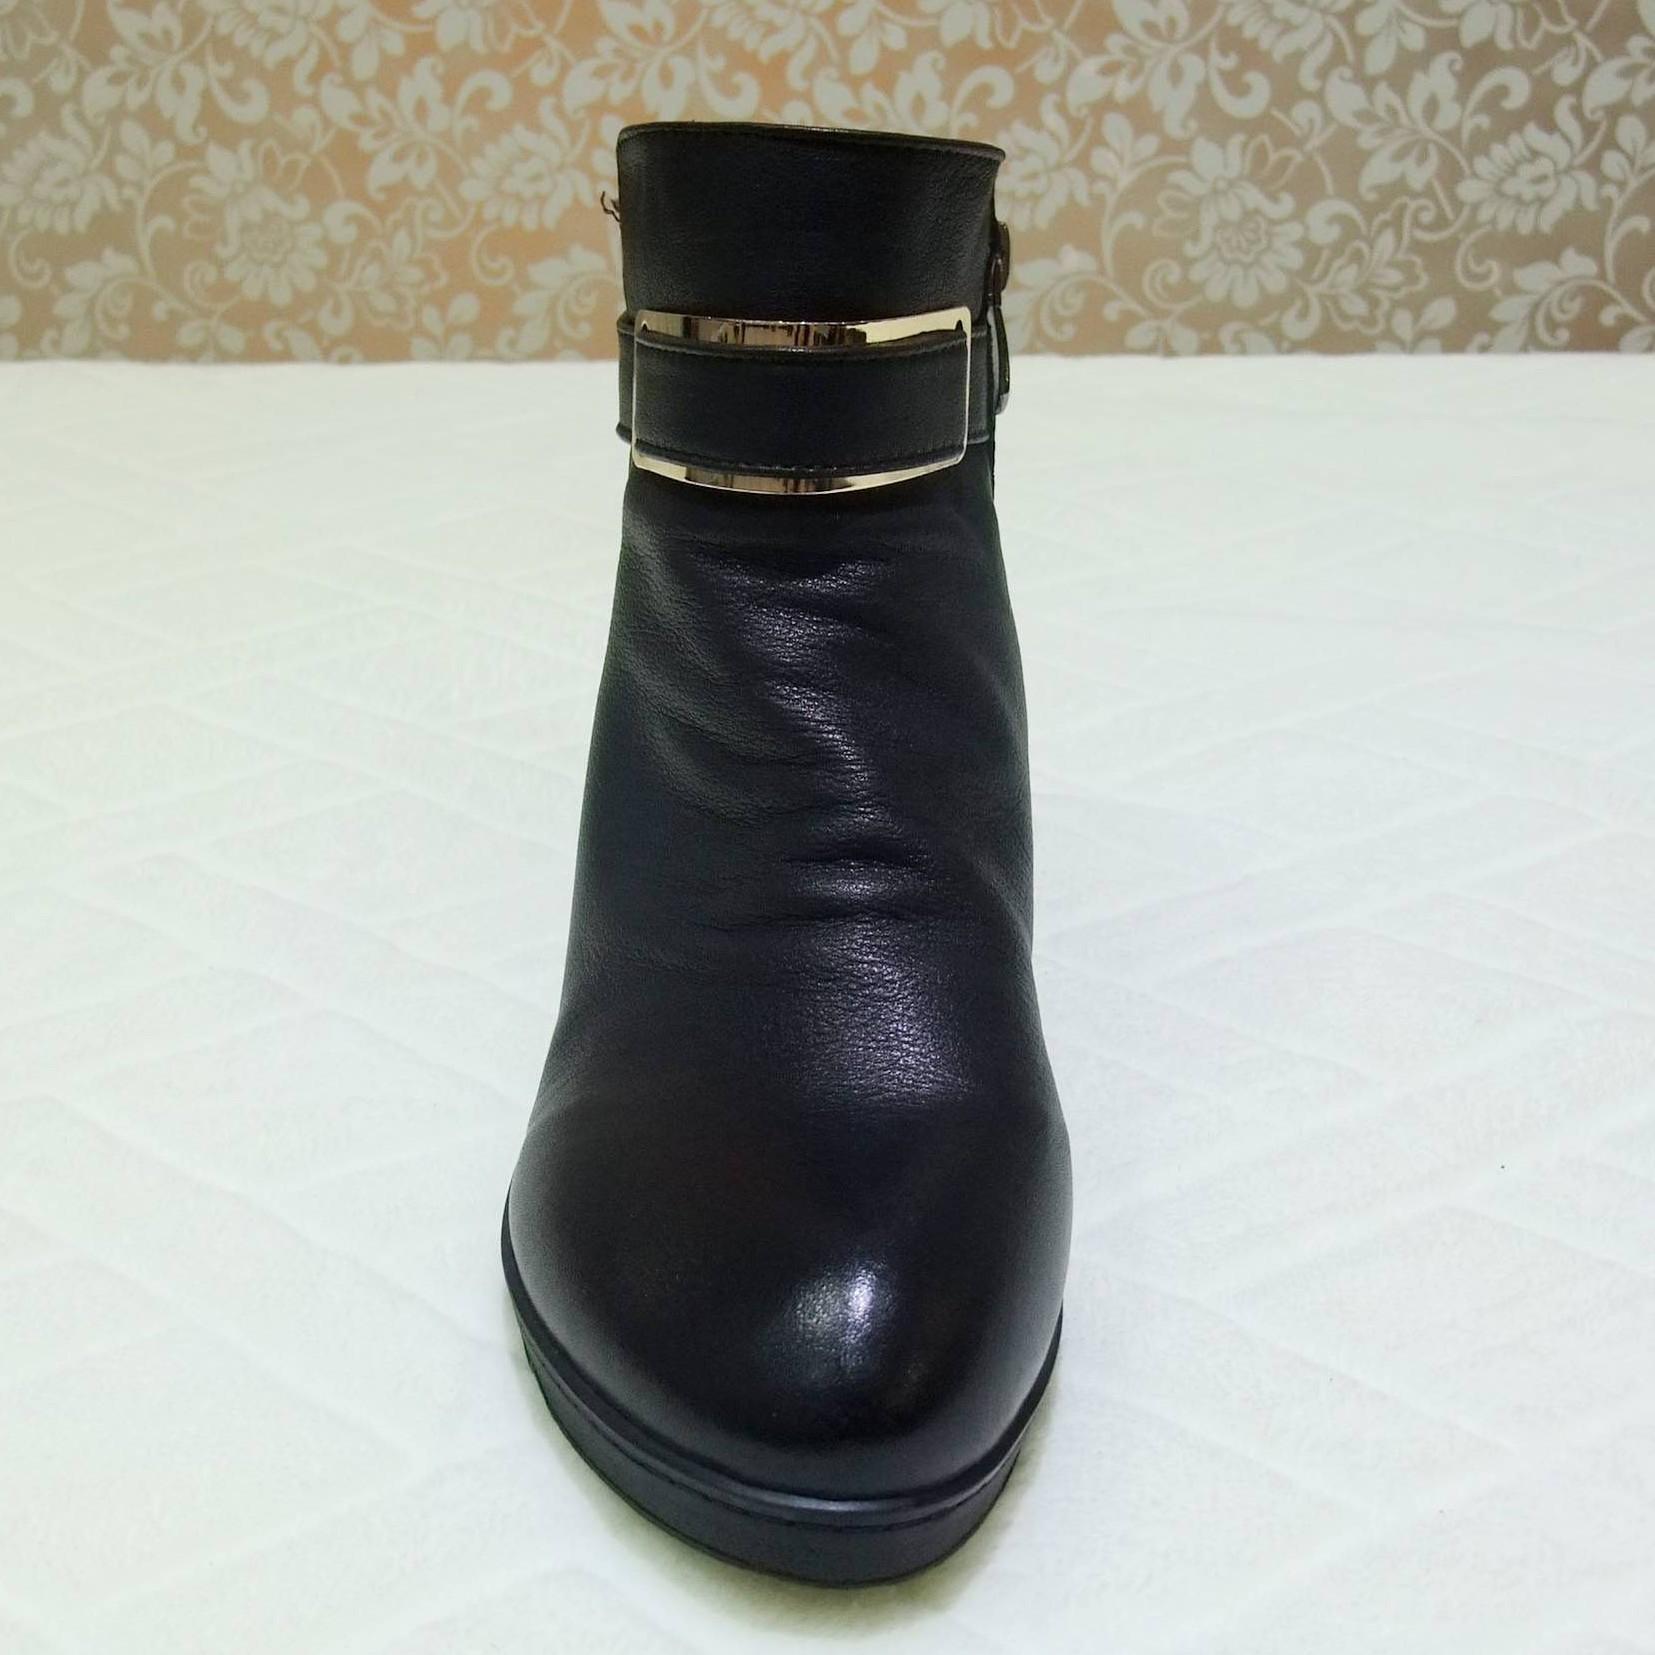 Круглый носок Танкетка Молния На низком каблуке (менее 3 см) Пряжка, Заклепки, С металлической отделкой, Ремешок с пряжкой Однотонный цвет